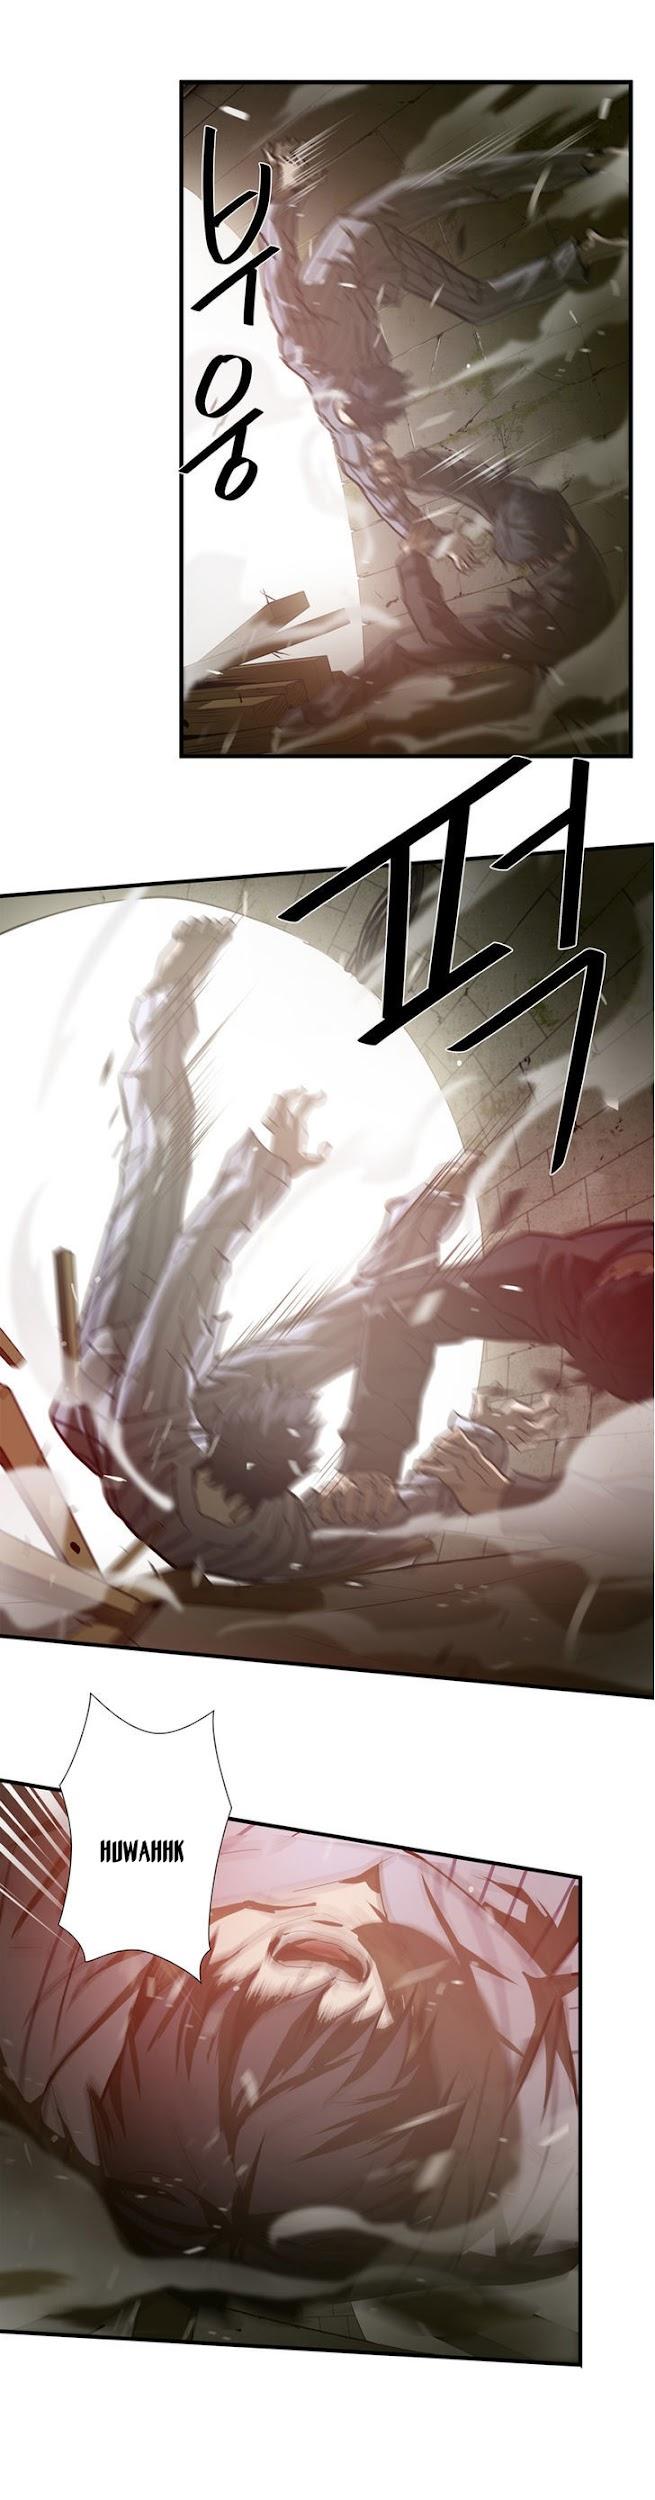 Dilarang COPAS - situs resmi www.mangacanblog.com - Komik greatest outcast 040 - chapter 40 41 Indonesia greatest outcast 040 - chapter 40 Terbaru 2|Baca Manga Komik Indonesia|Mangacan